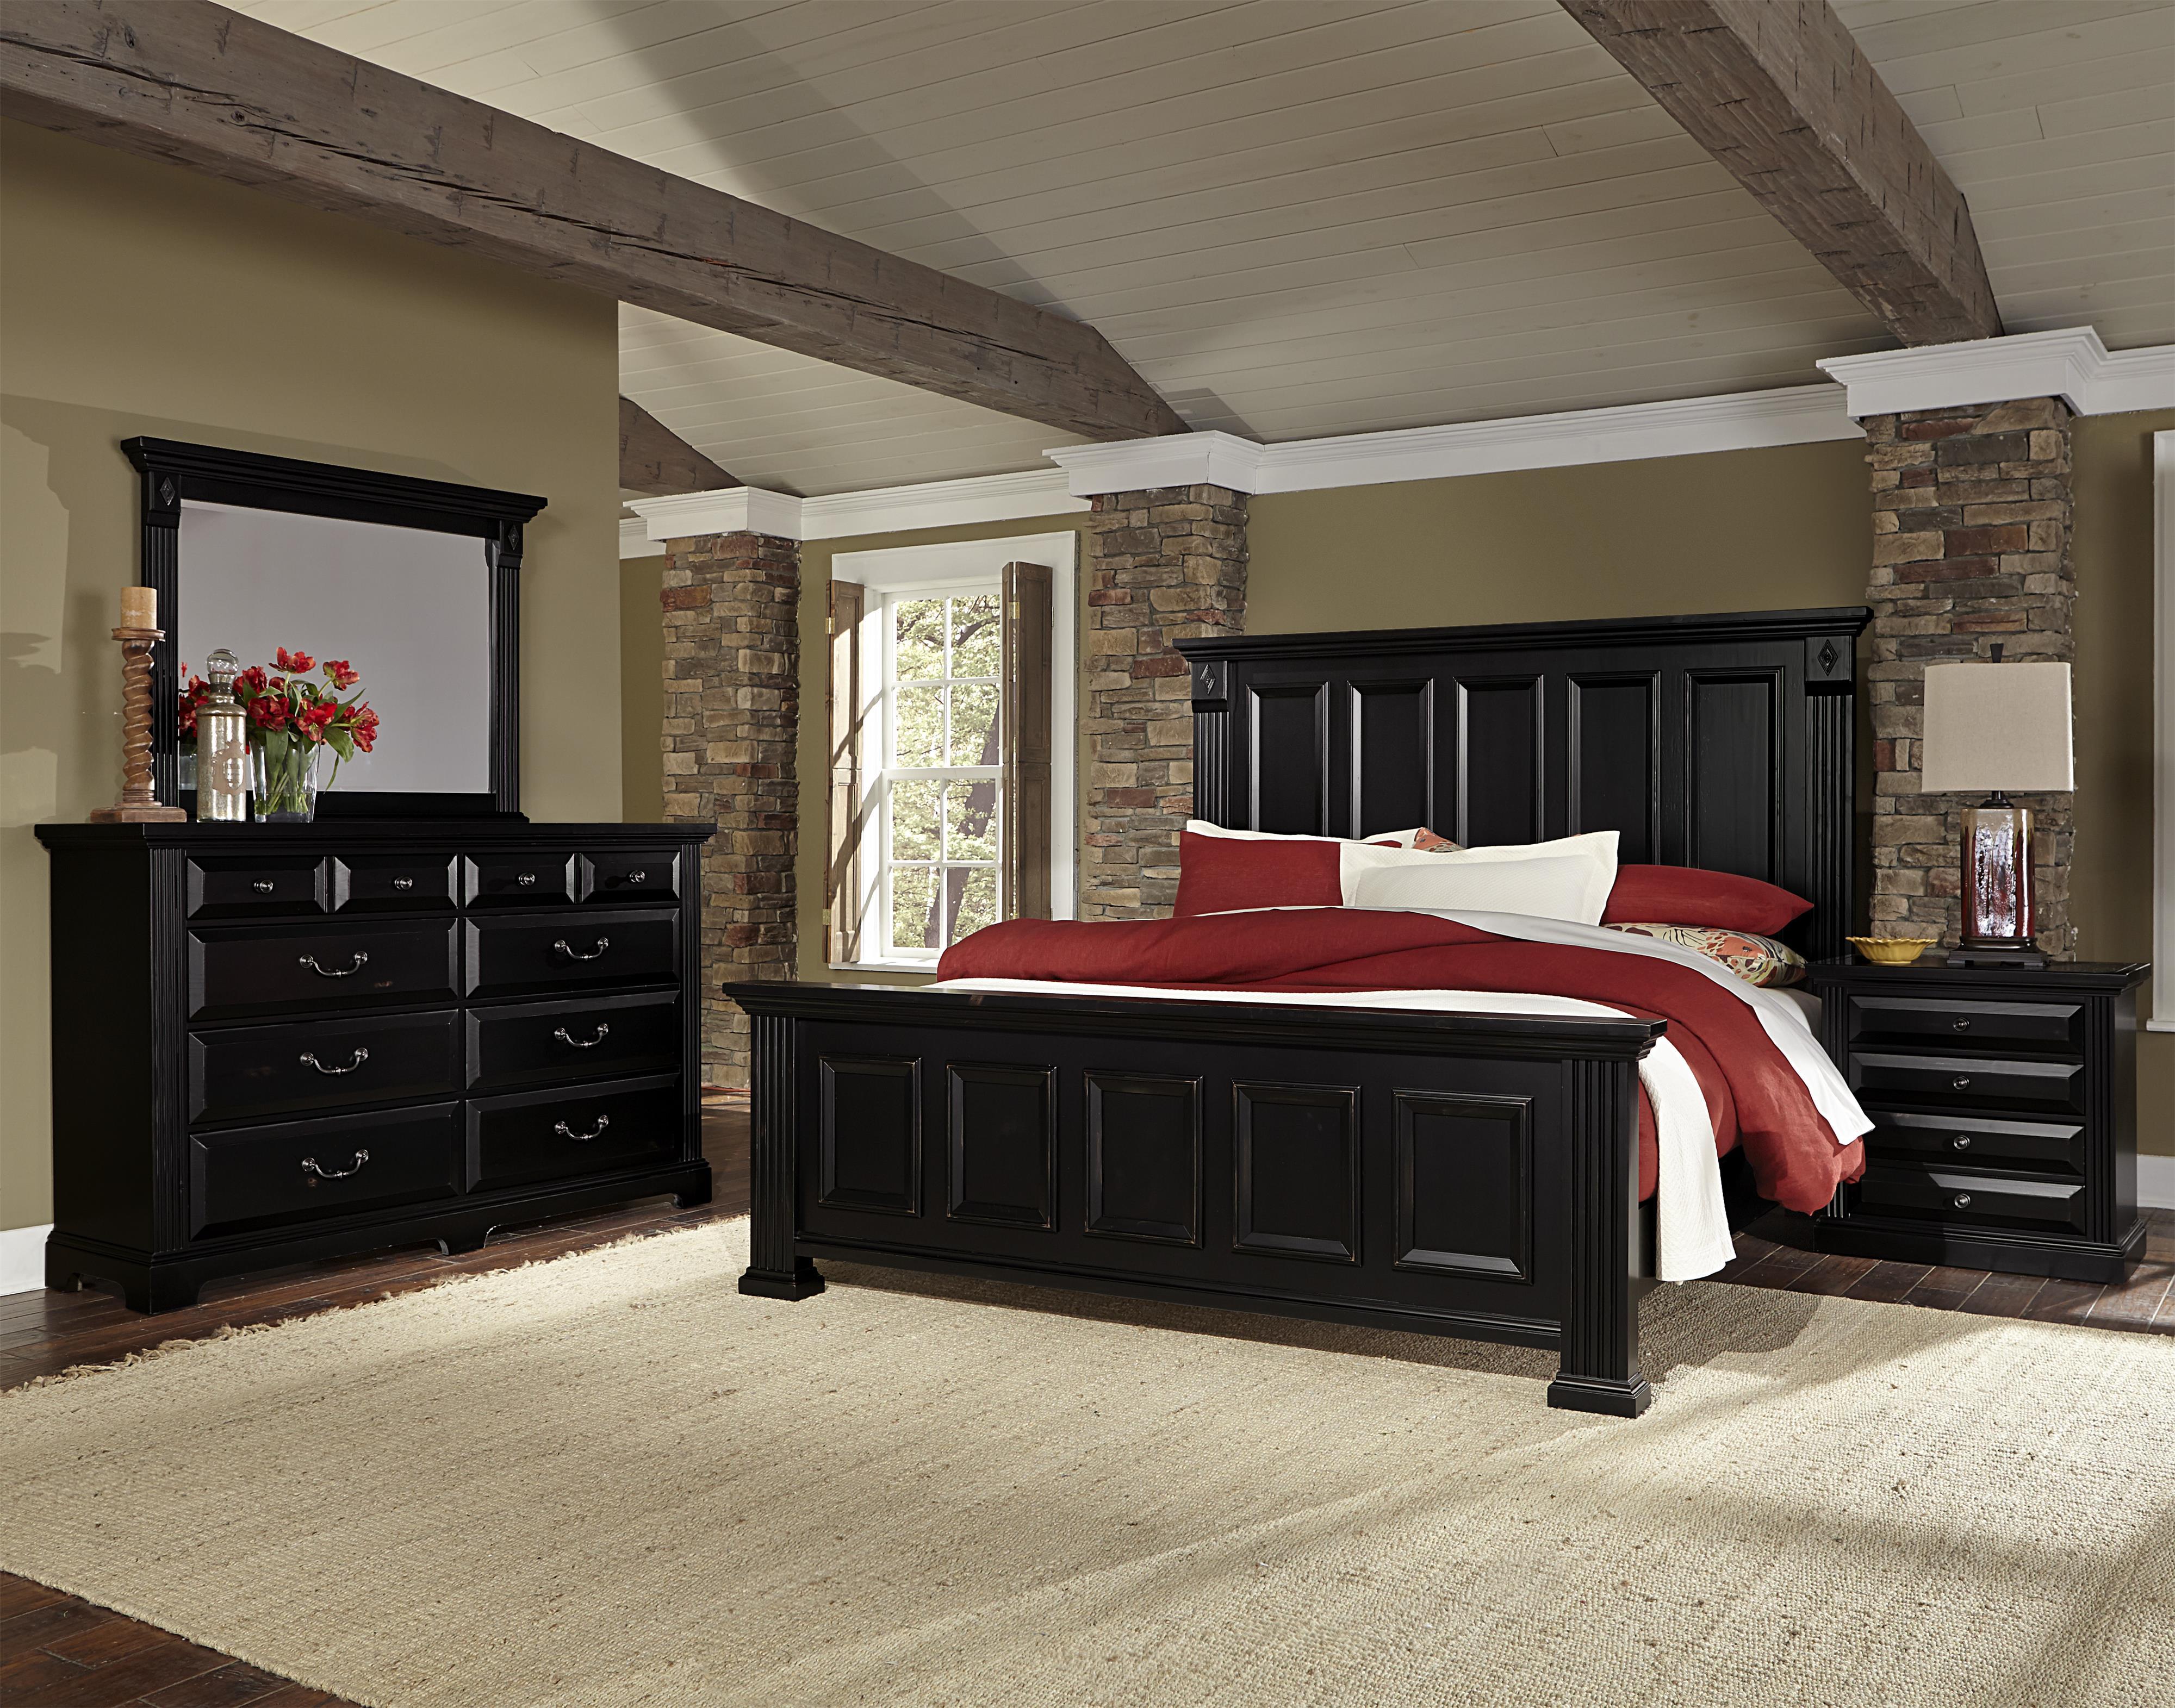 Vaughan Bassett Woodlands Queen Bedroom Group - Item Number: BB99 Q Bedroom Group 2